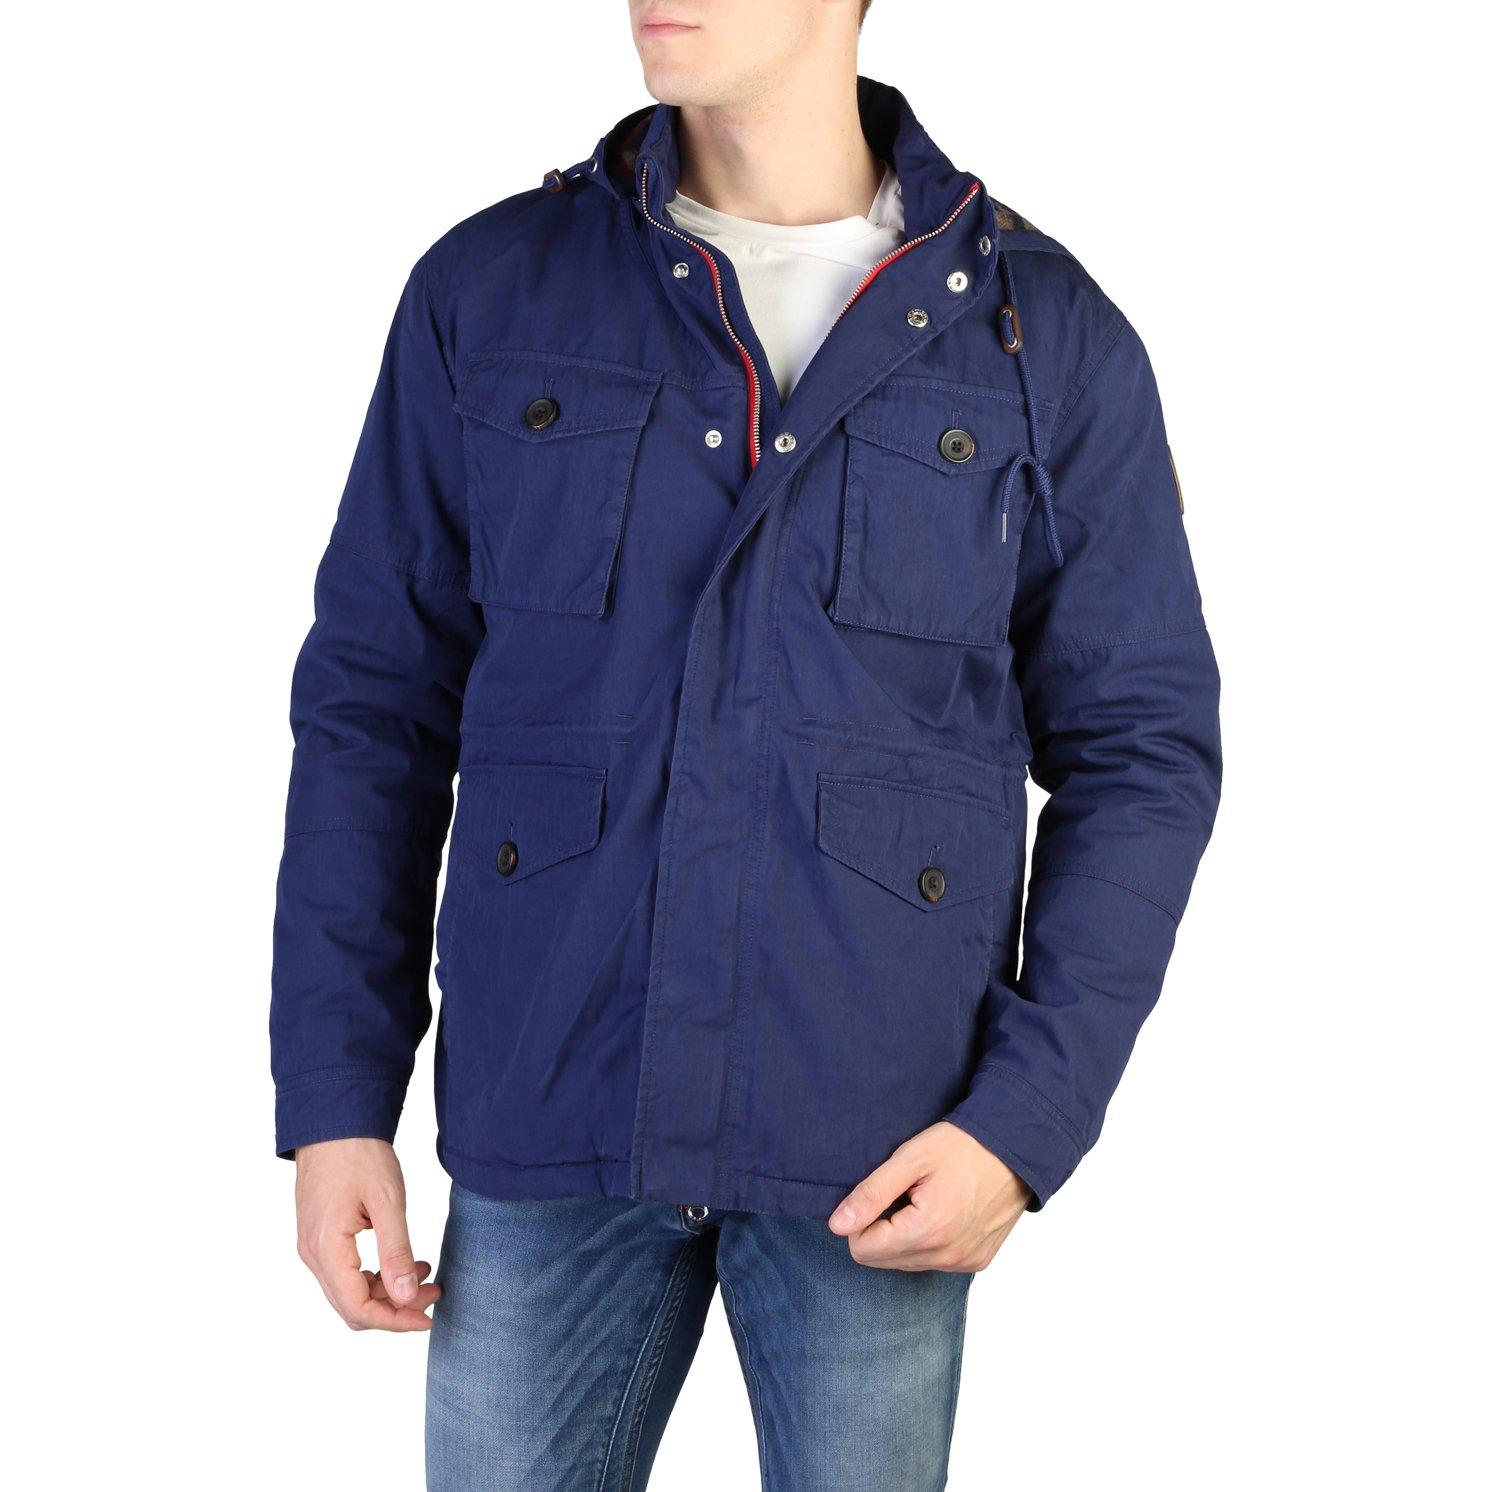 Hackett Men's Jacket Various Colours HM402379 - blue XS